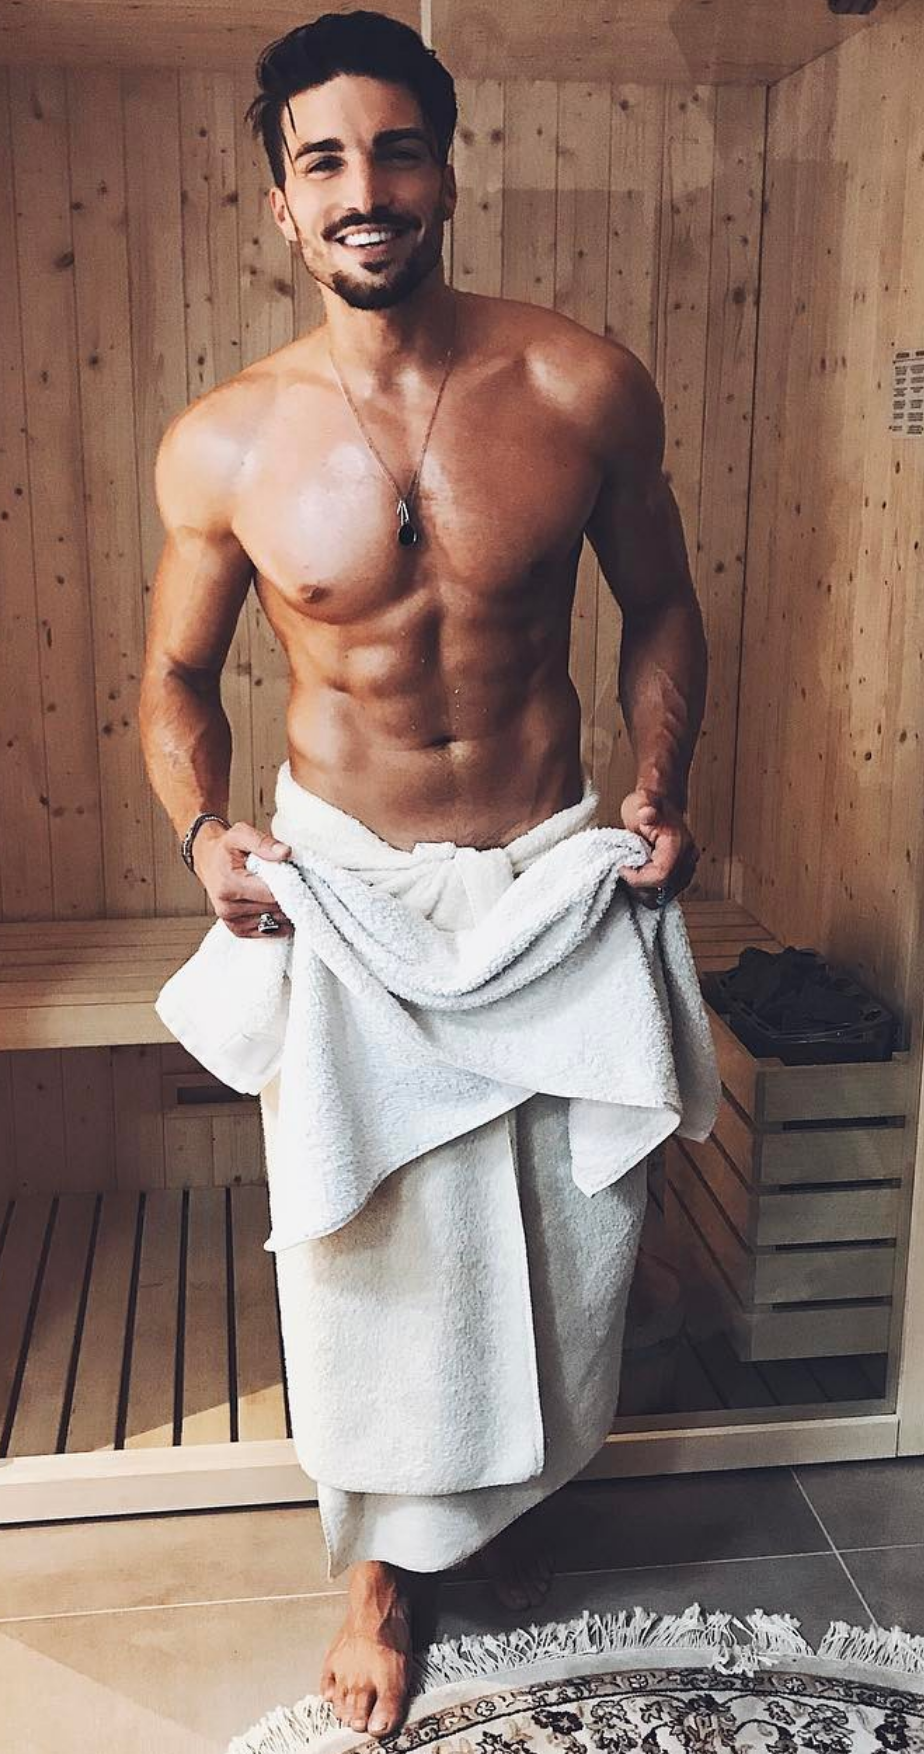 Grande cazzo asciugamano